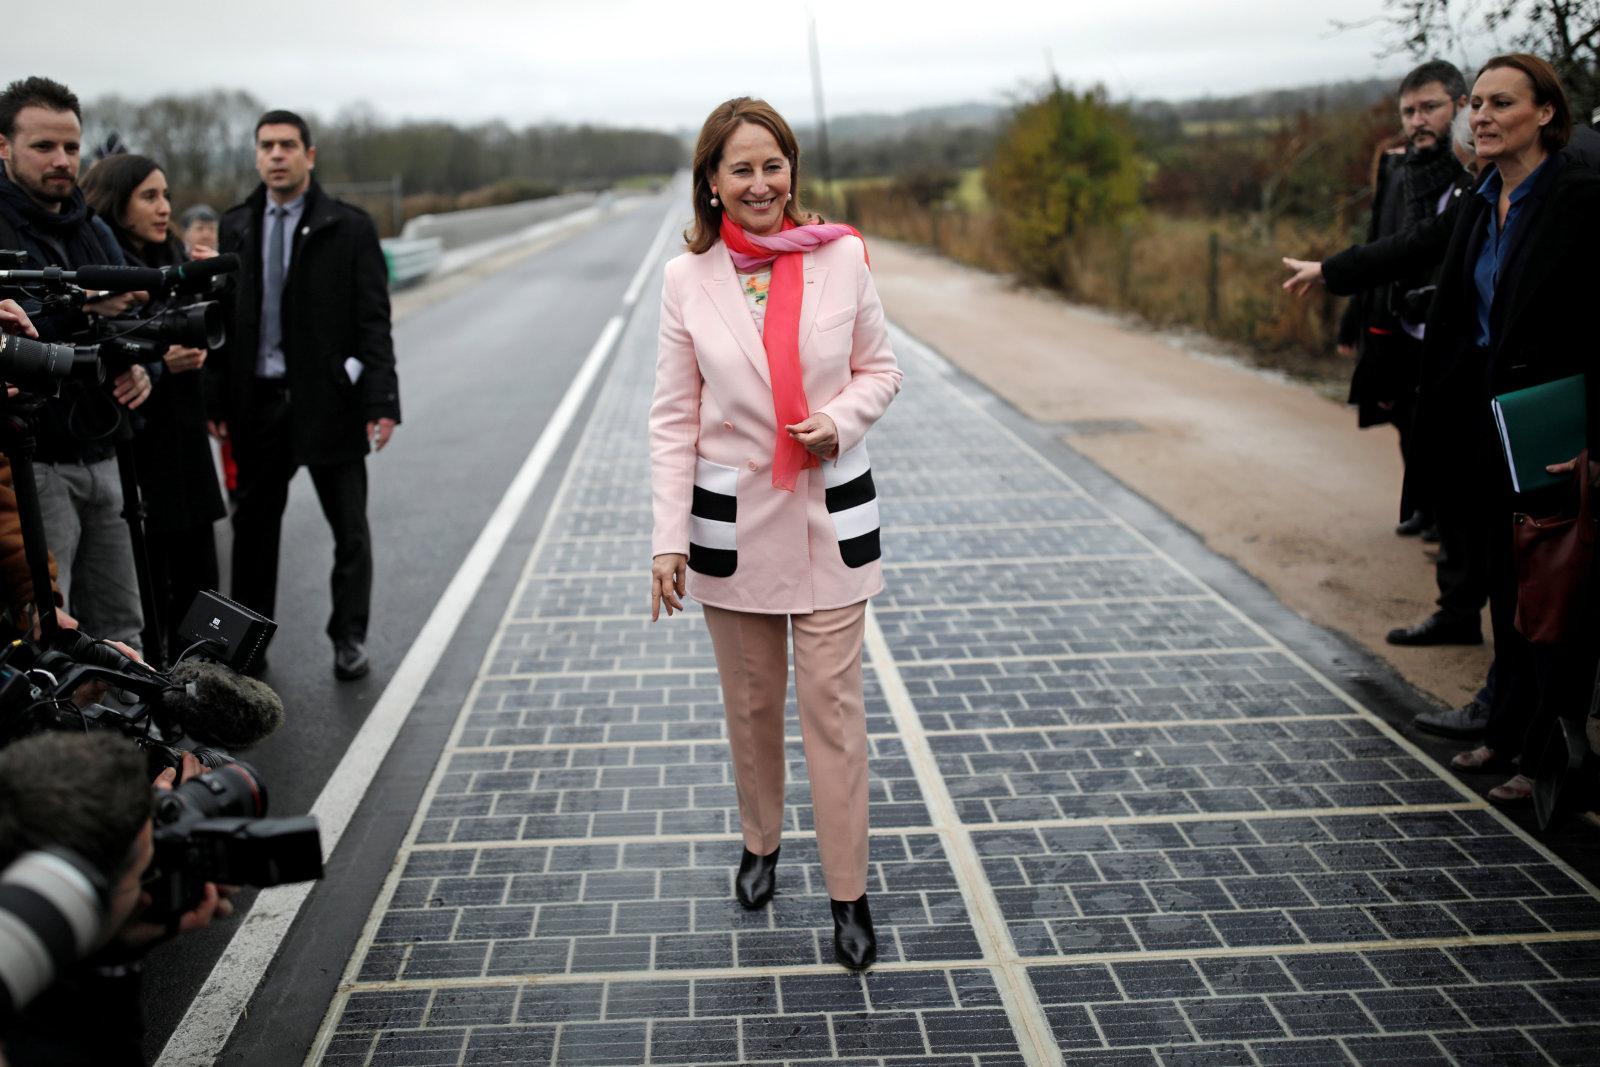 یک شهر کوچک در فرانسه میزبان نخستین جادهی خورشیدی دنیا خواهد بود